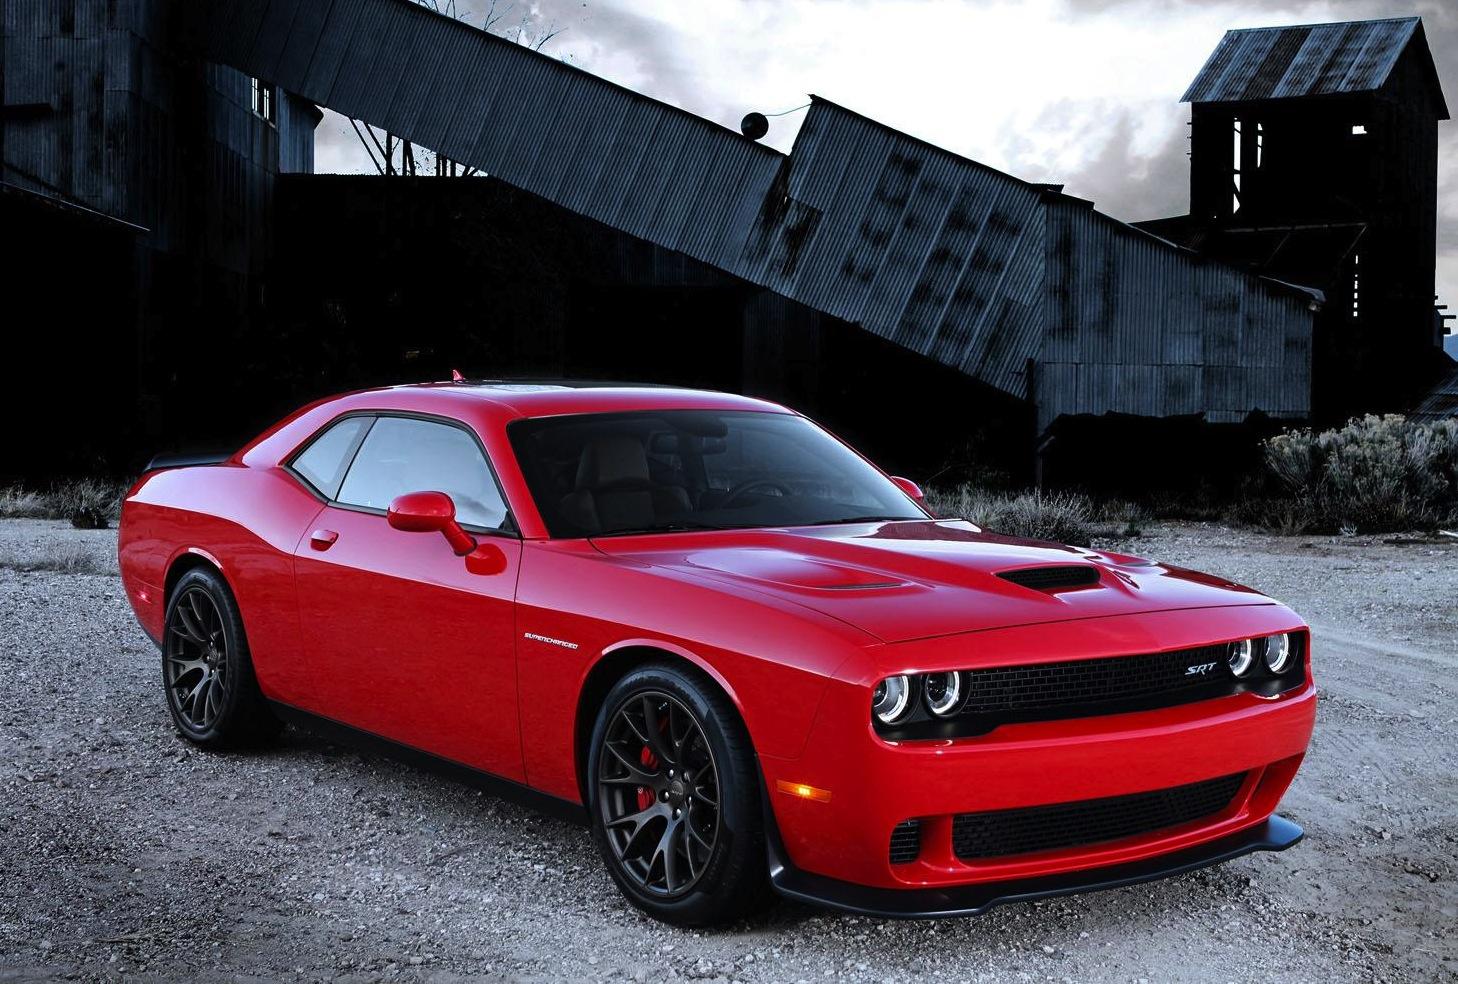 Dodge Challenger SRT Hellcat revealed, Chrysler's most ...